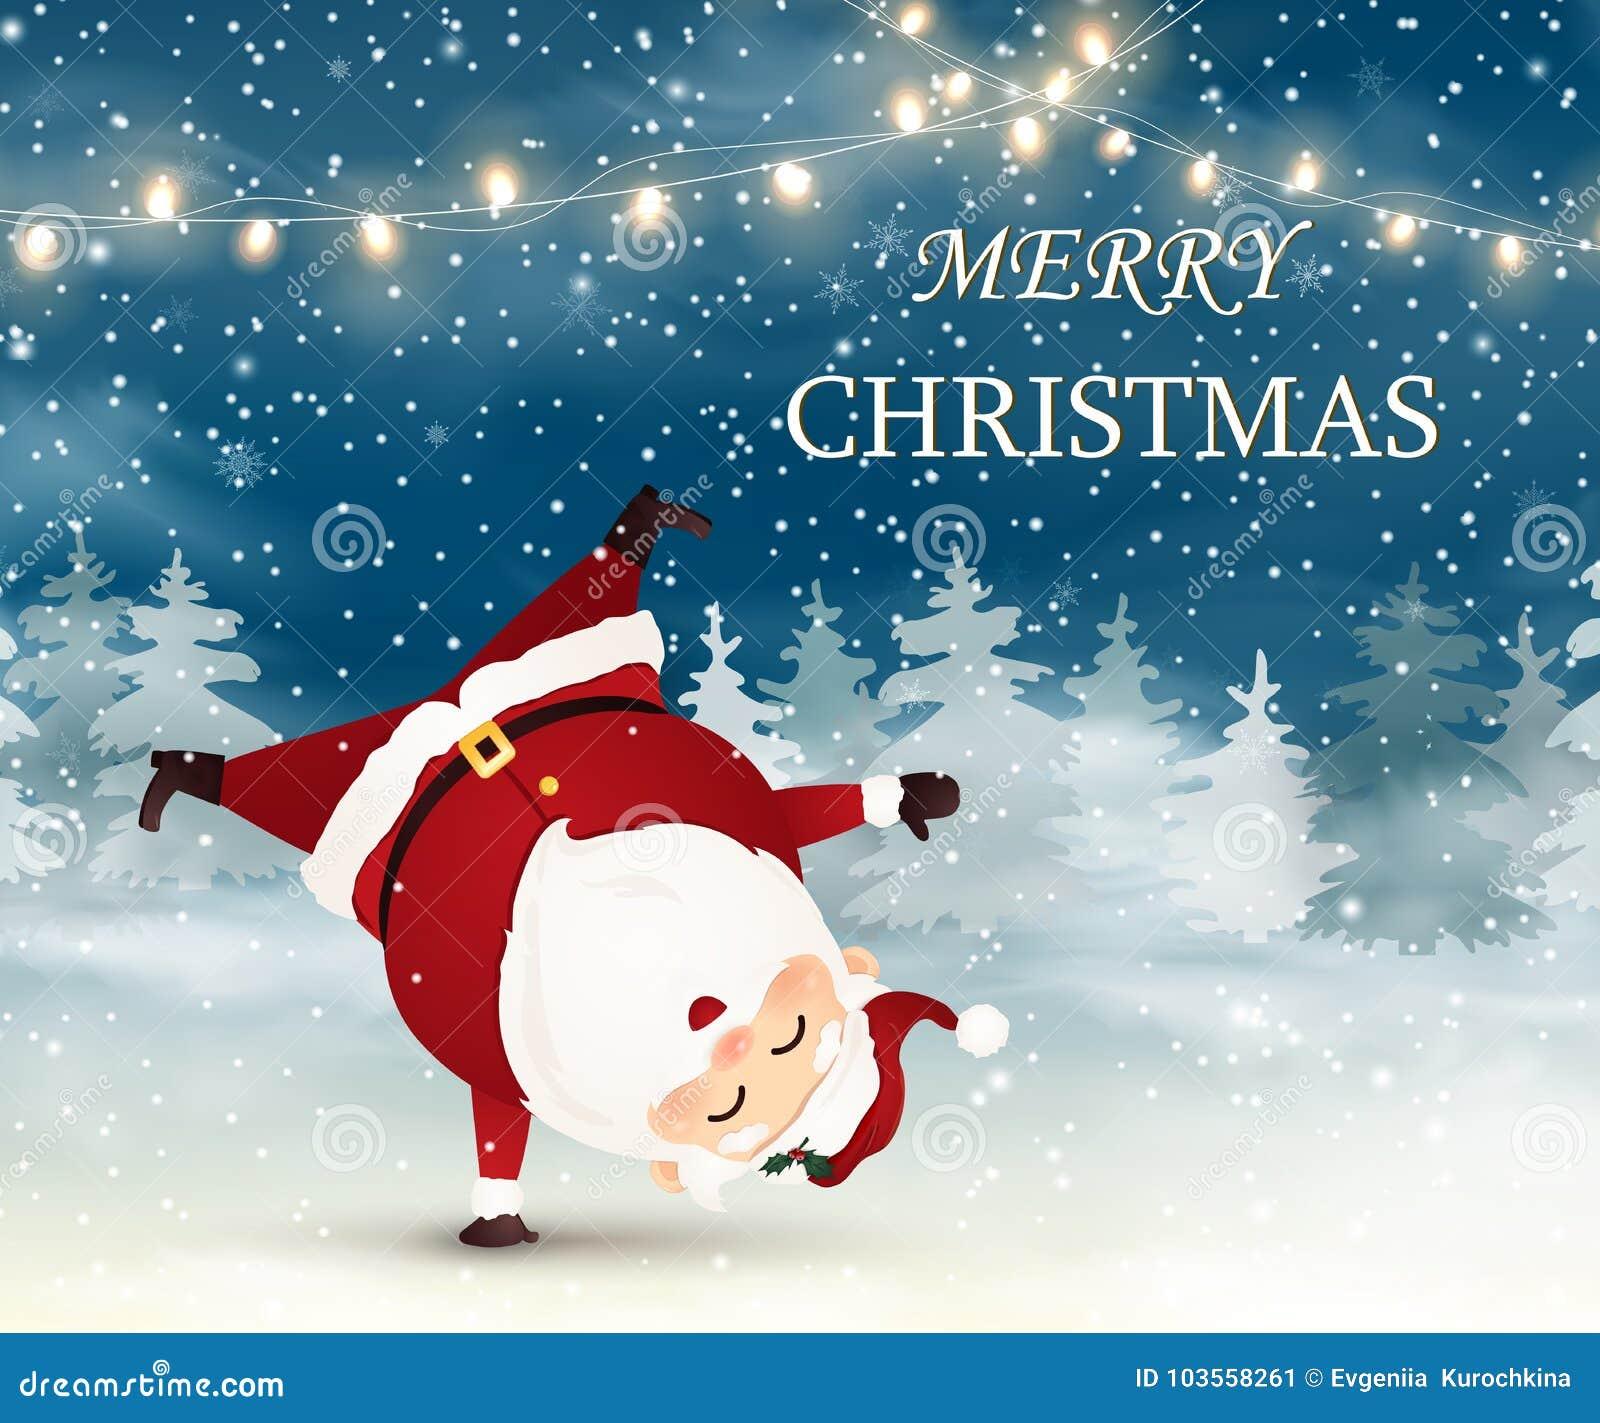 Frohe Weihnachten Nette, nette Santa Claus, die auf seinem Arm in der Weihnachtsschneeszene steht